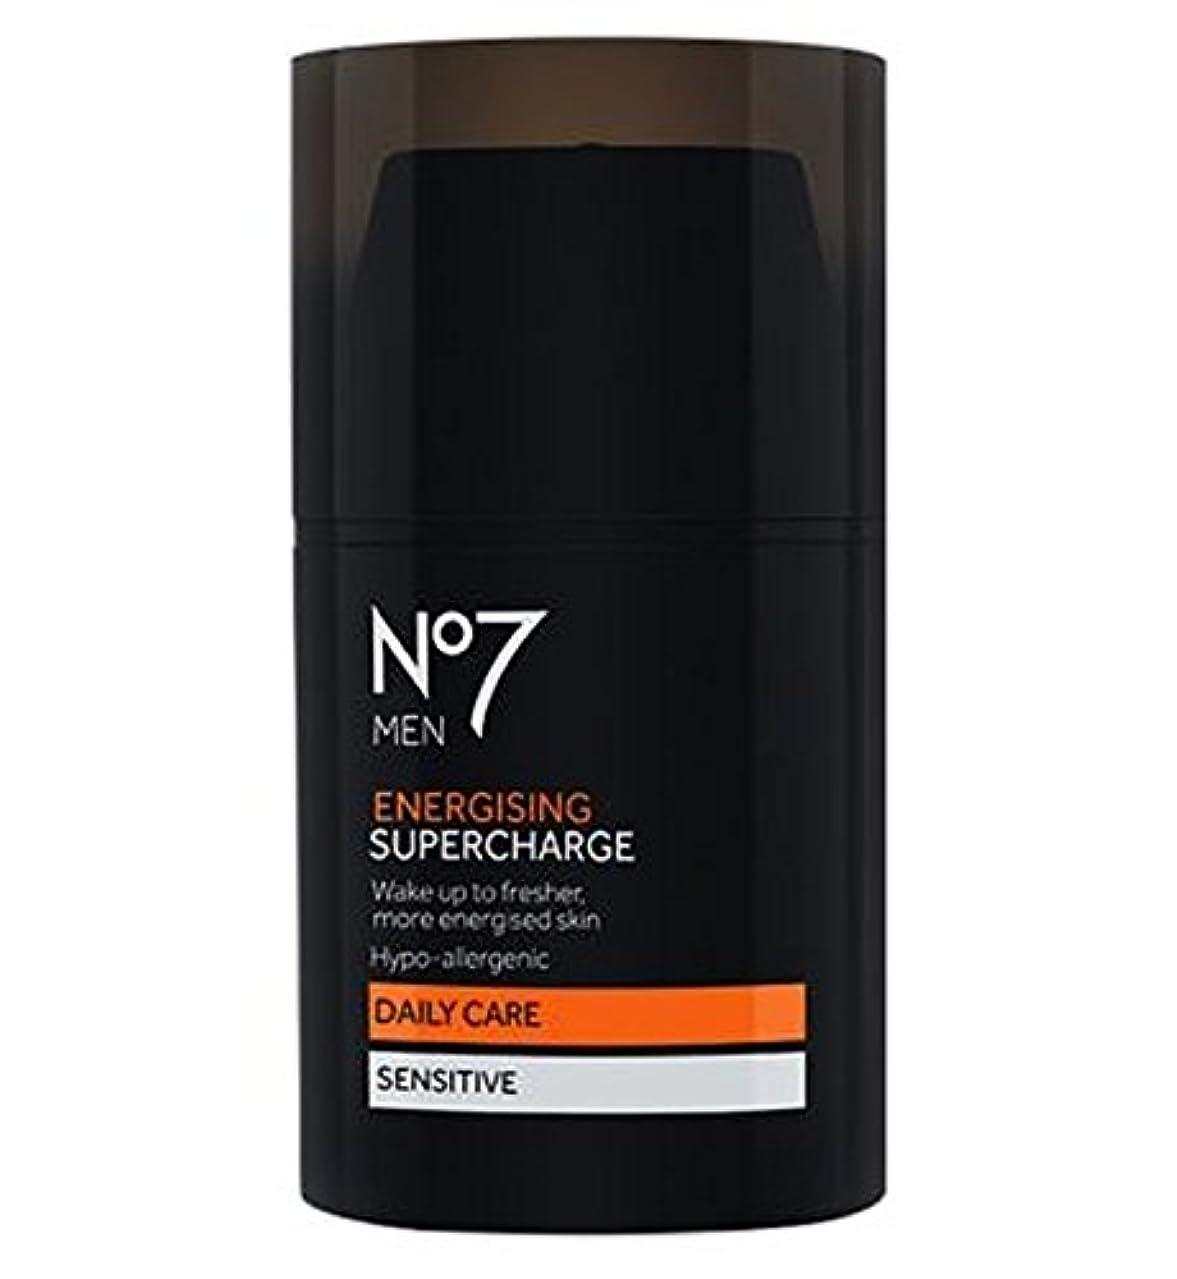 補う代わりに曇ったNo7 Men Energising Supercharge - 過給を通電No7の男性 (No7) [並行輸入品]